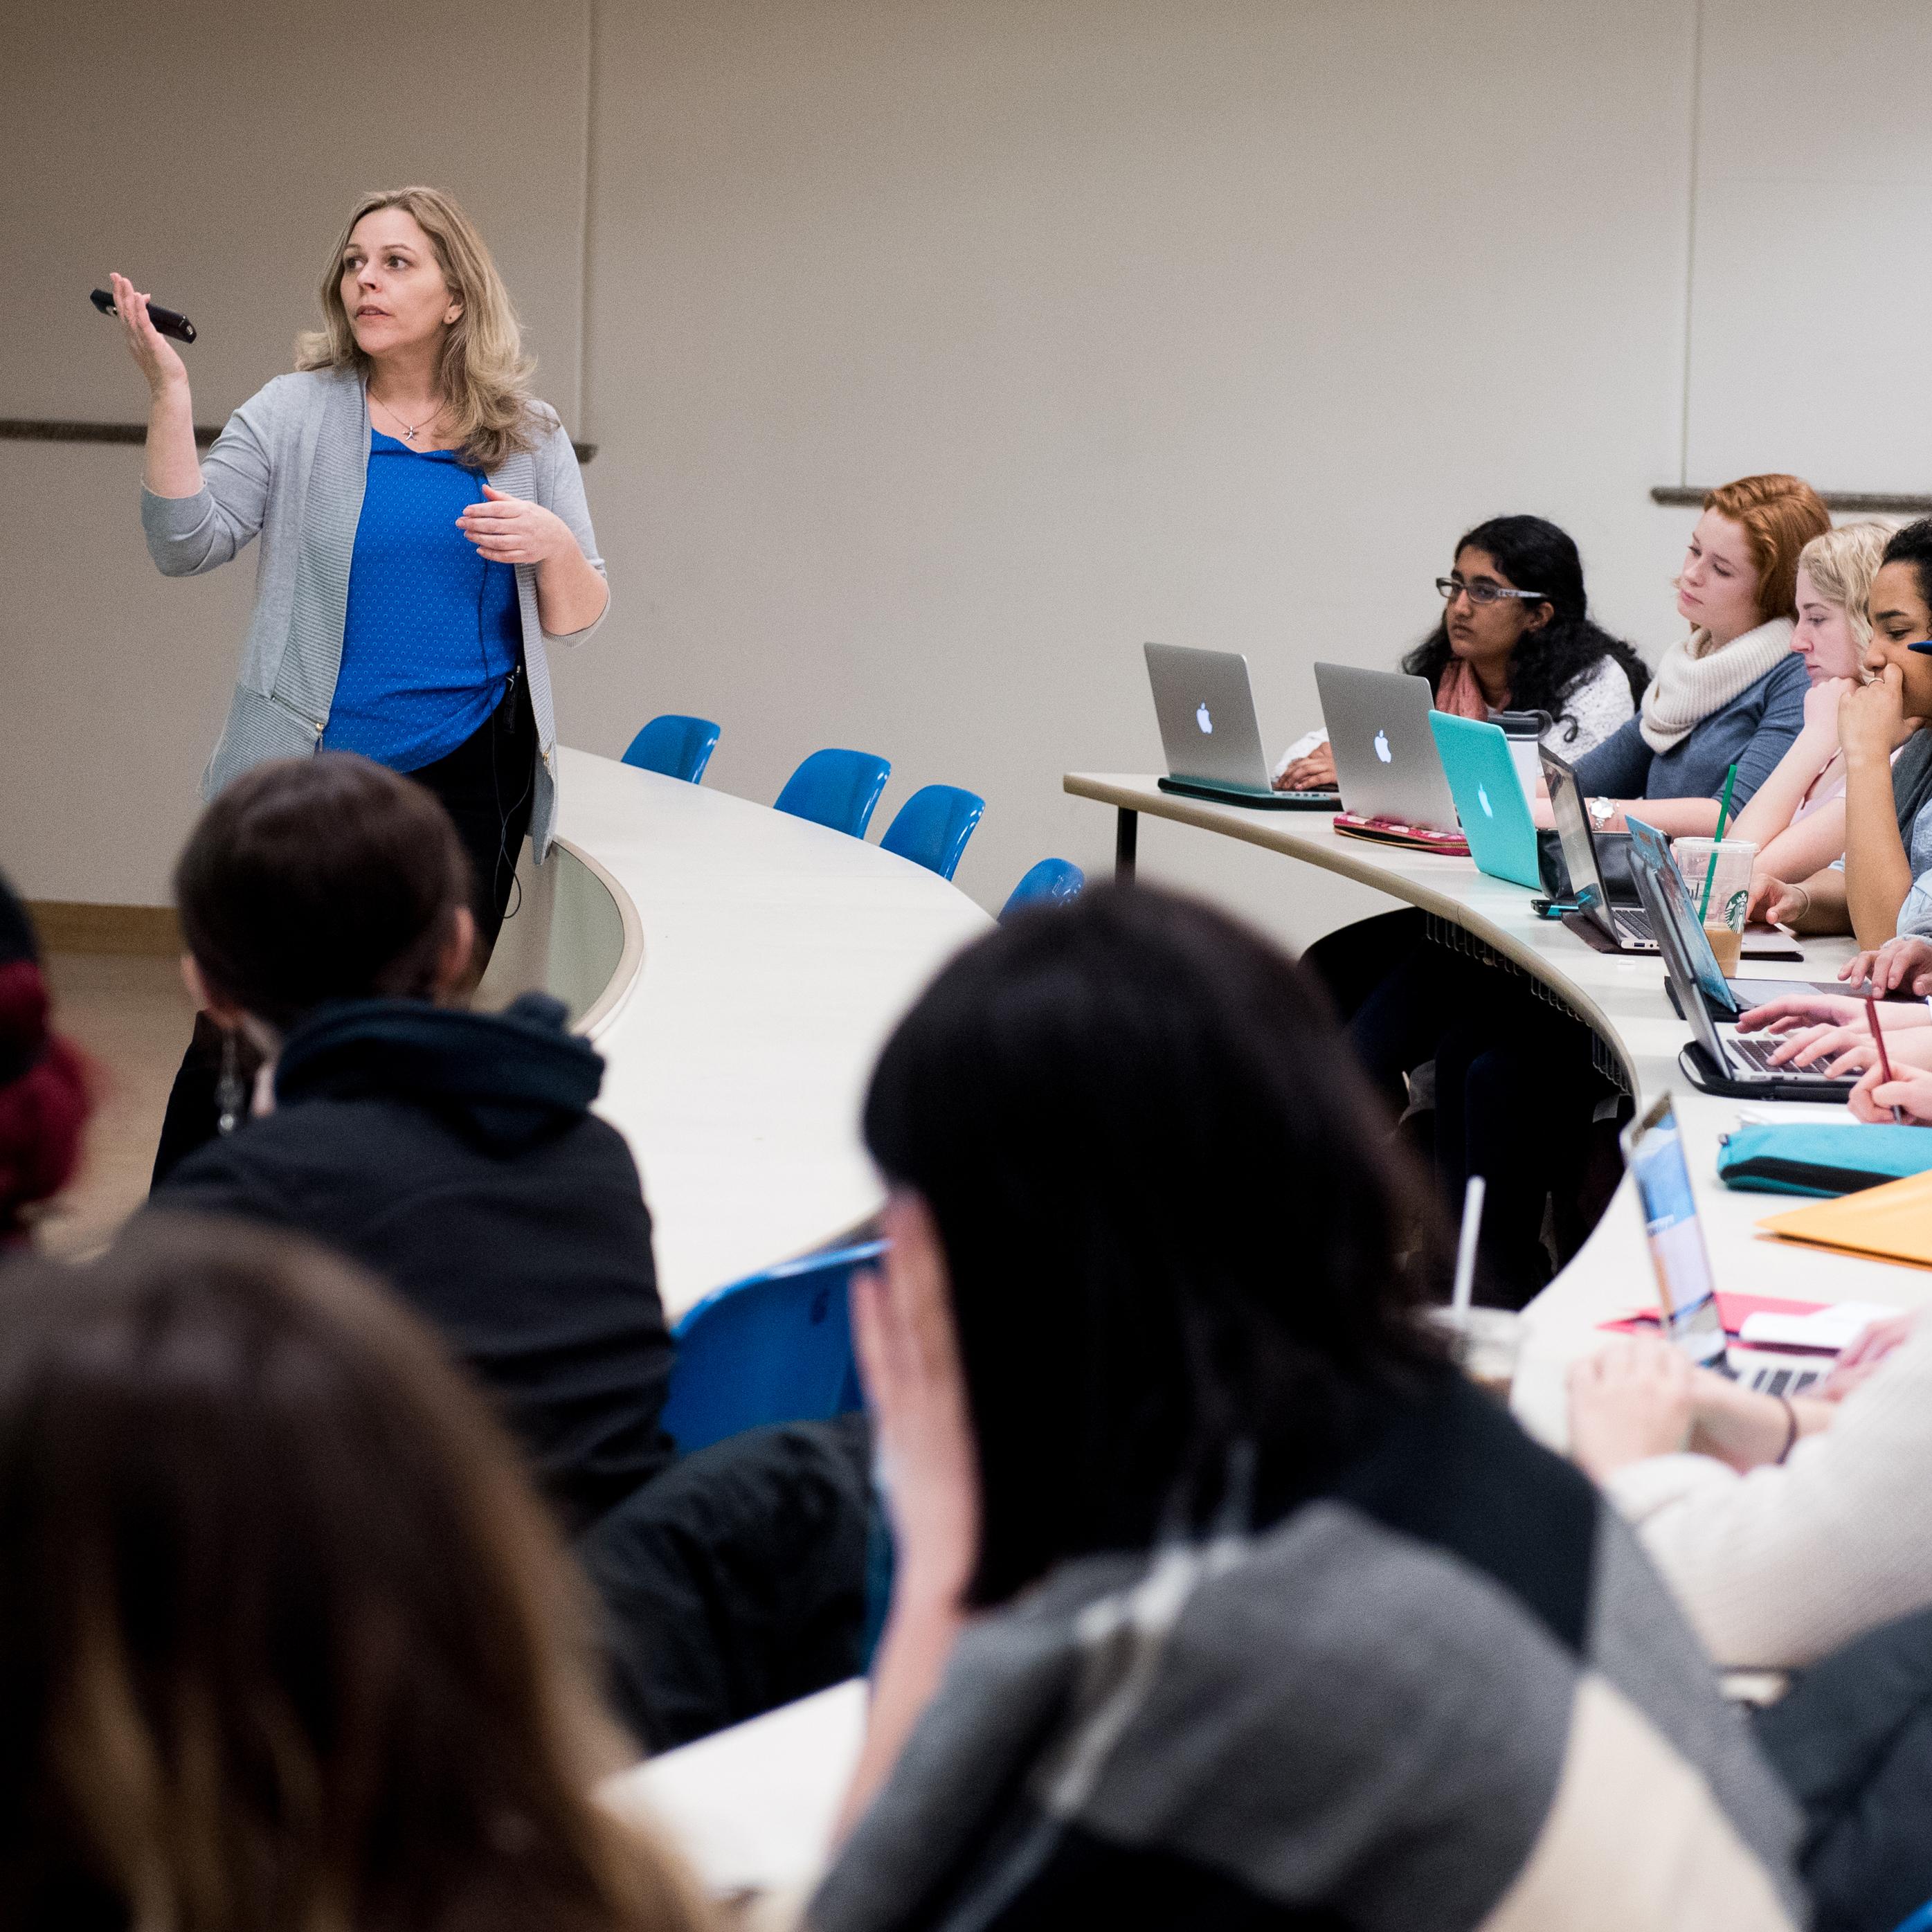 Professor Rebecca Tiessen teaching a class